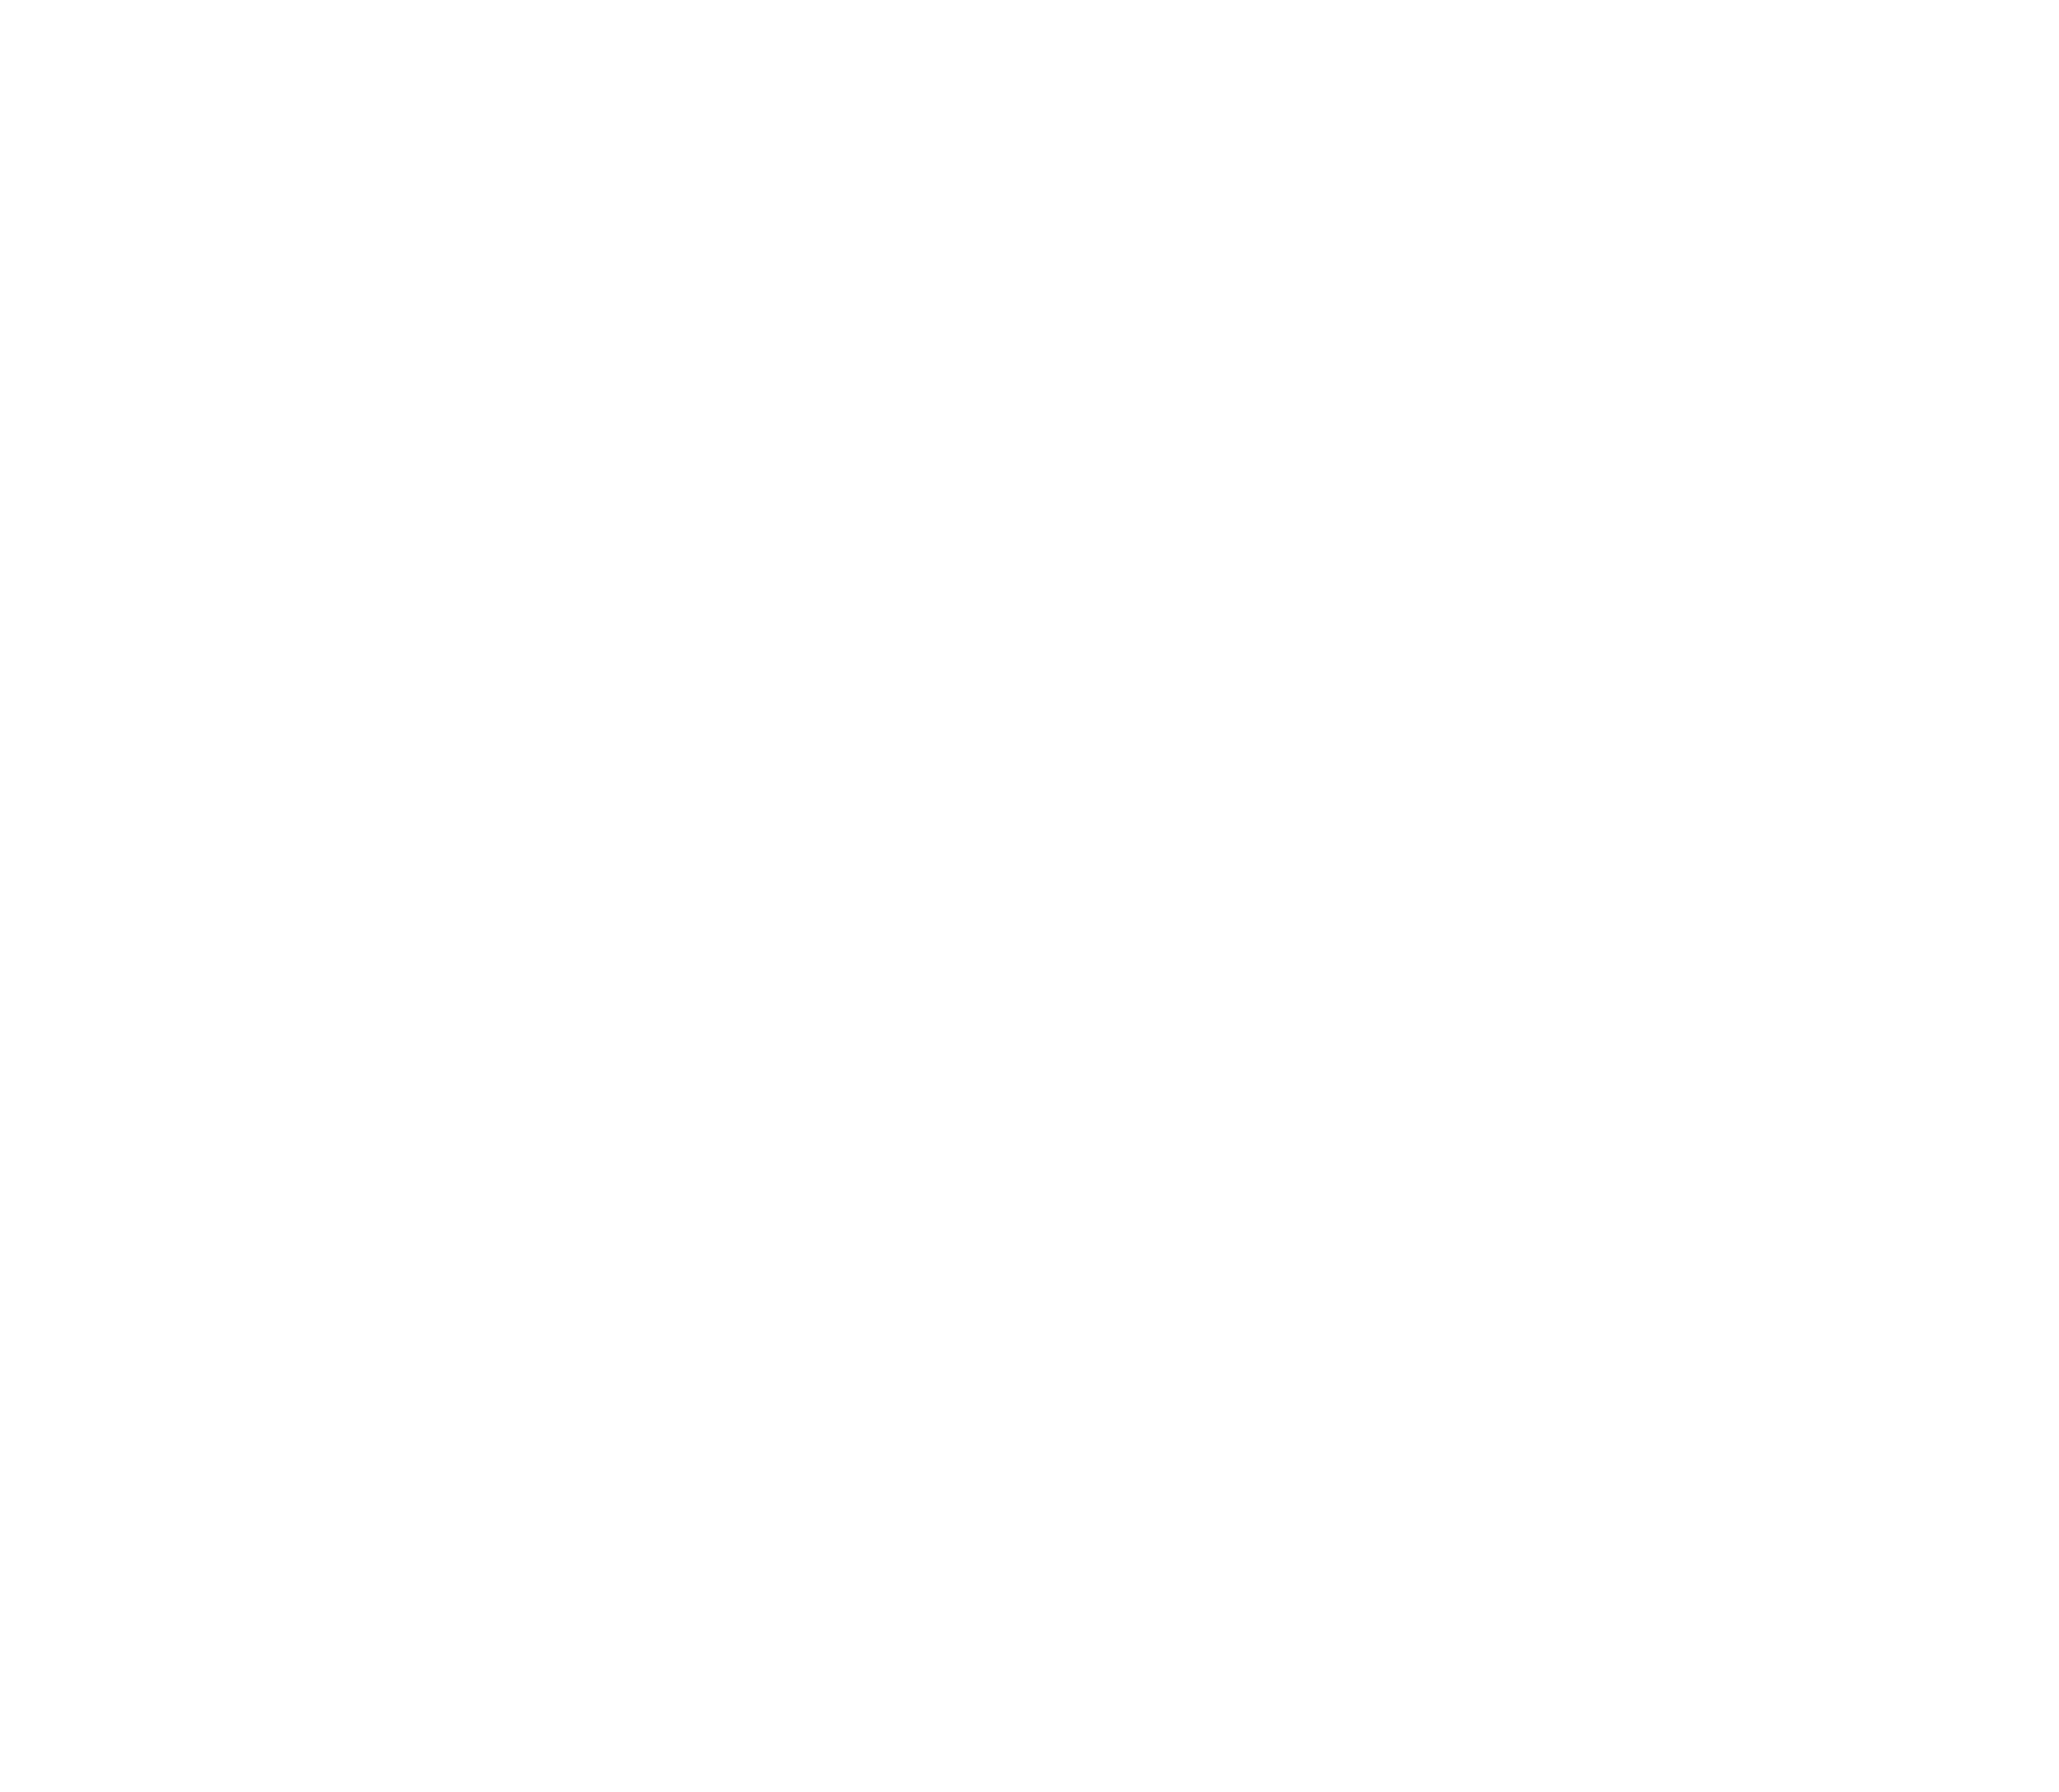 Design an elegant logo for Worthwild Shirt Club